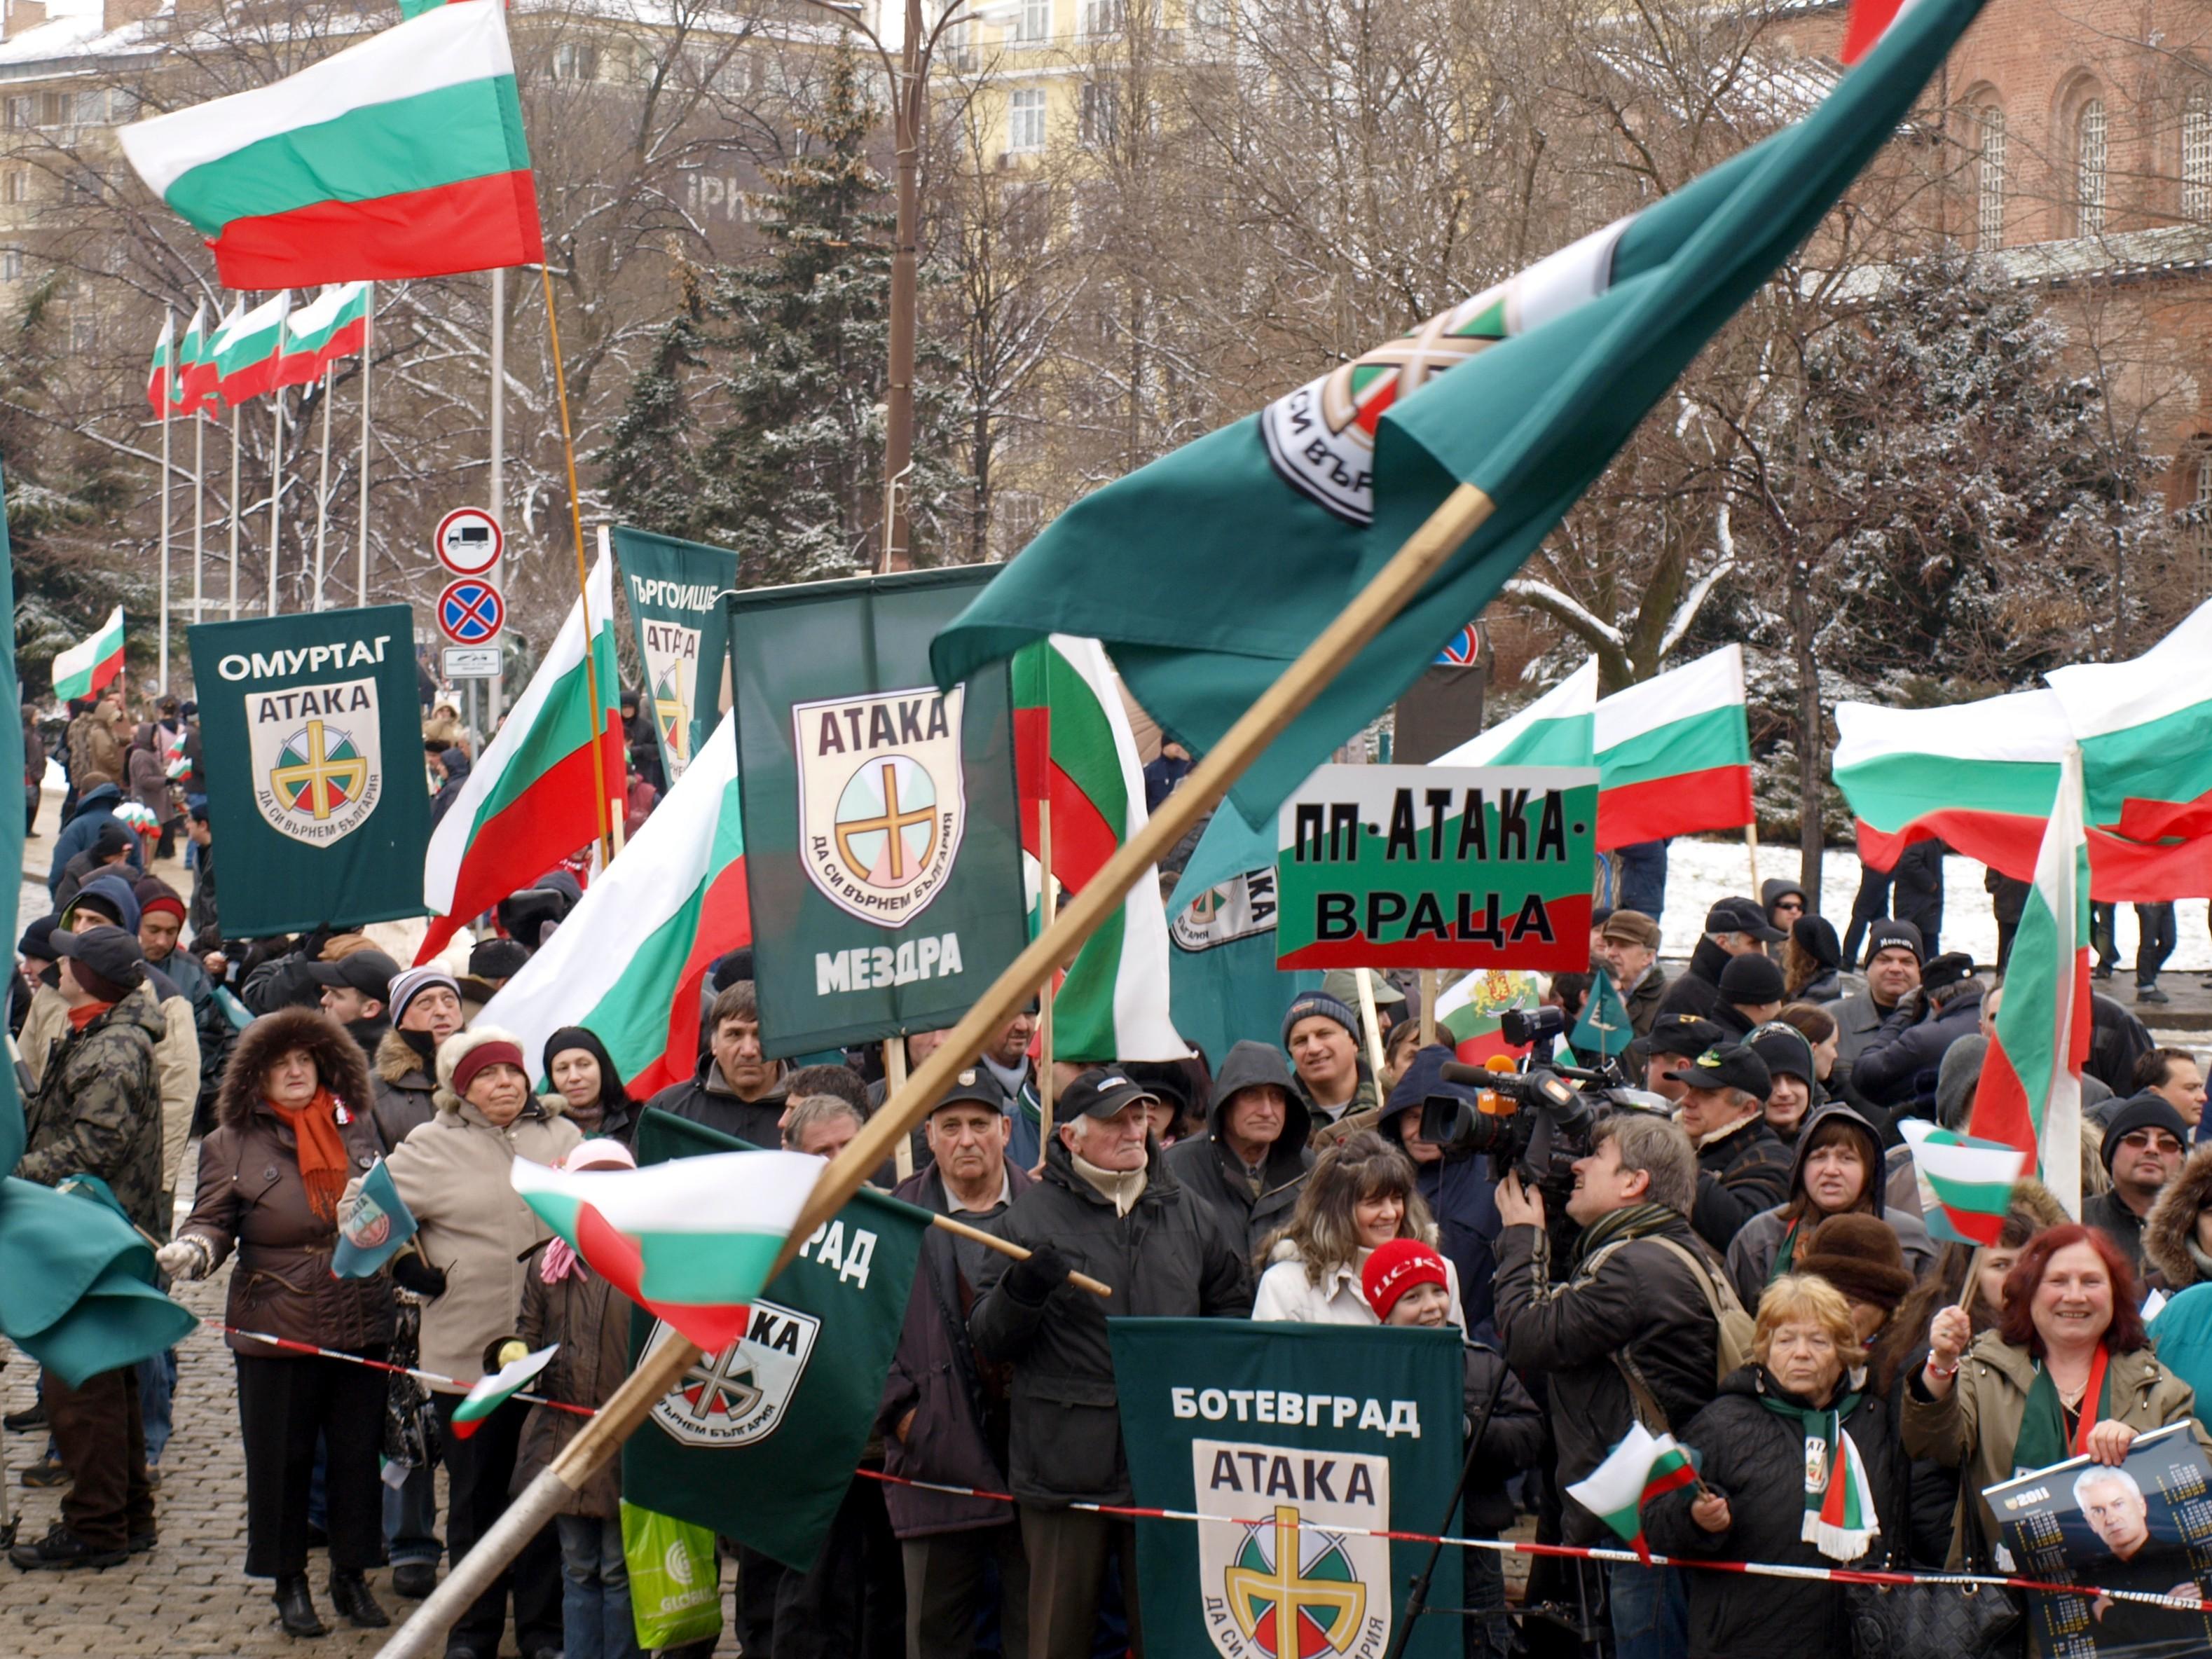 Bulgaria's ATAKA